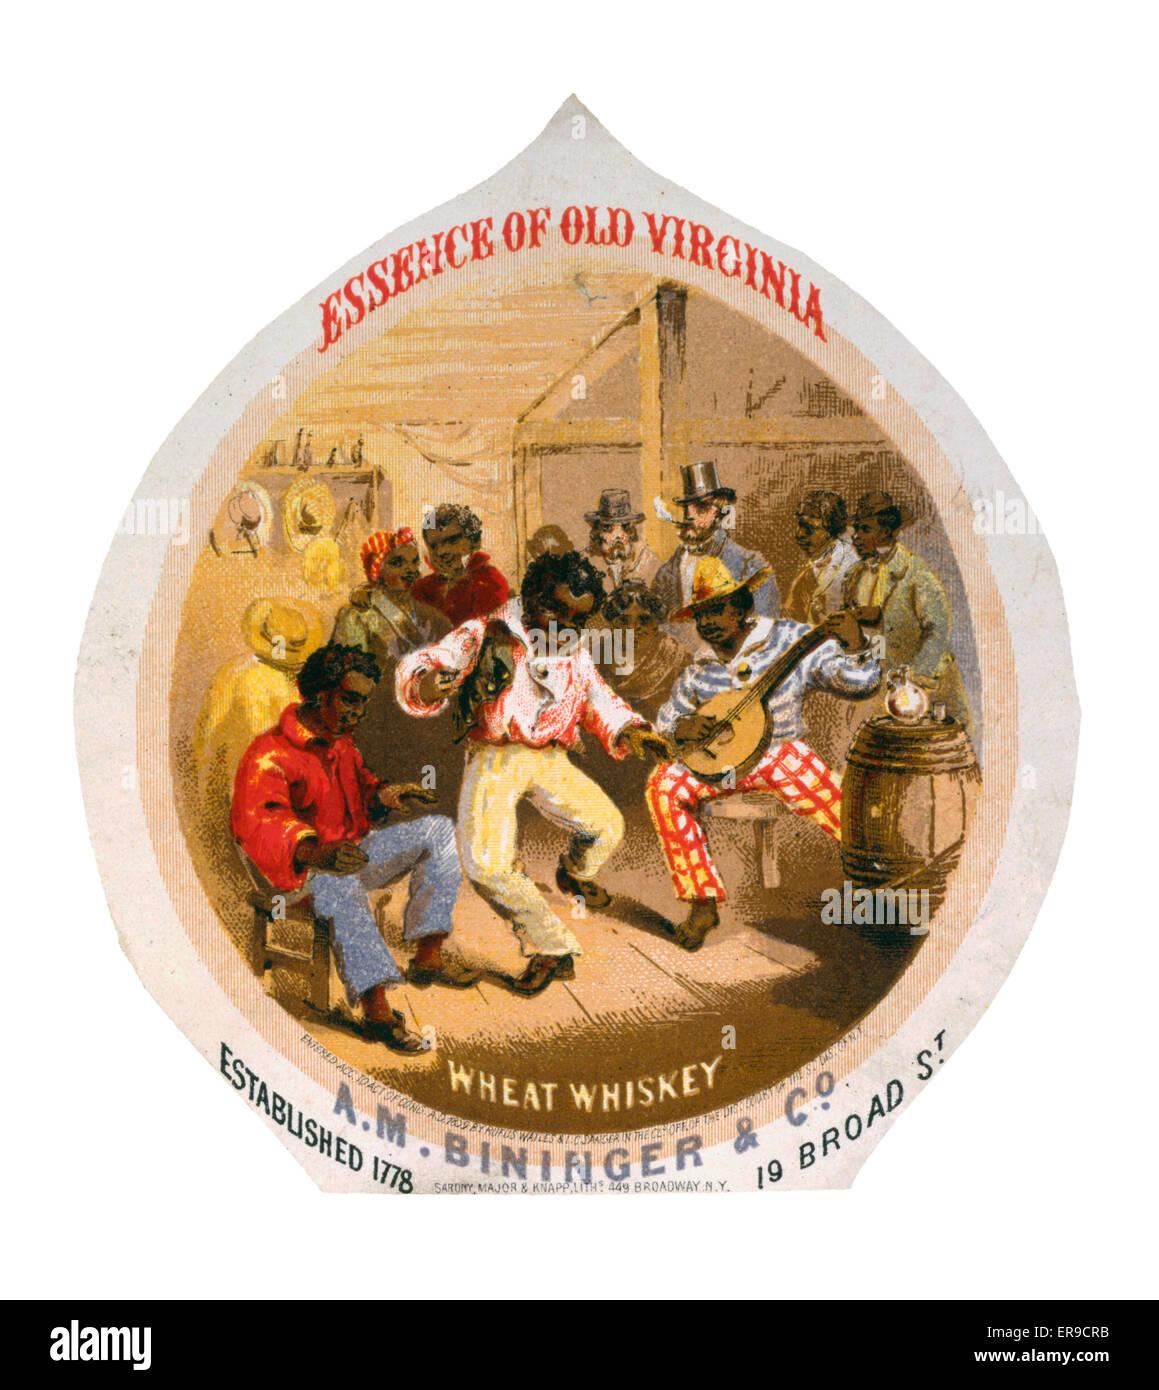 Das Wesen der alten Virginia Weizen Whisky, AM Bininger & Co. Whiskey Werbung Label Afro-Amerikaner in Taverne Stockbild